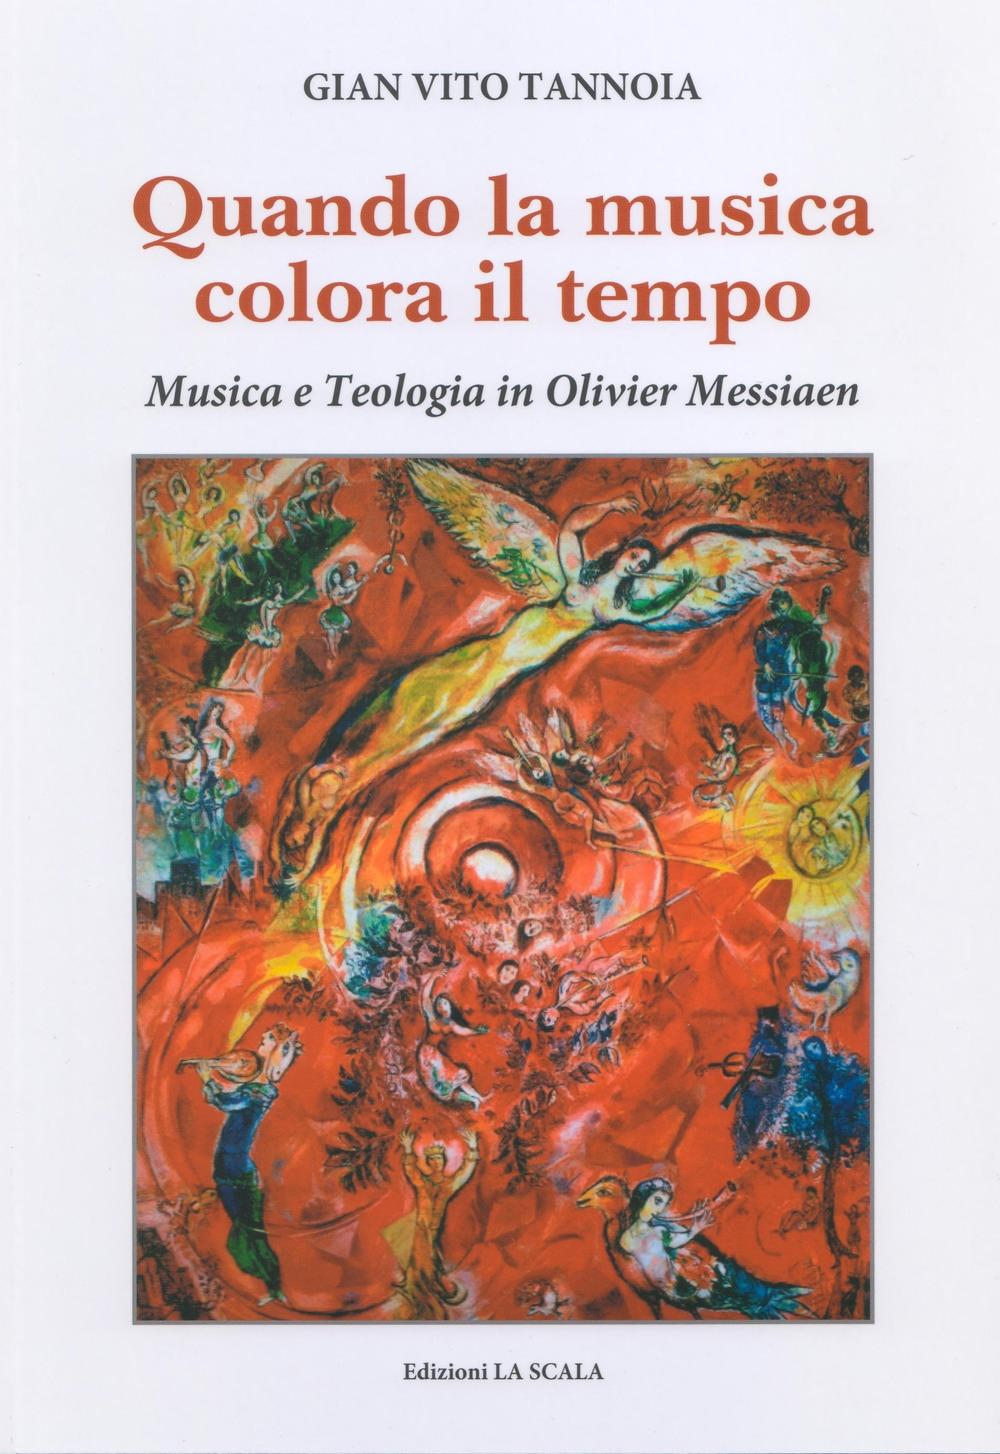 Quando la musica colora il tempo. Musica e teologia in Olivier Messiaen